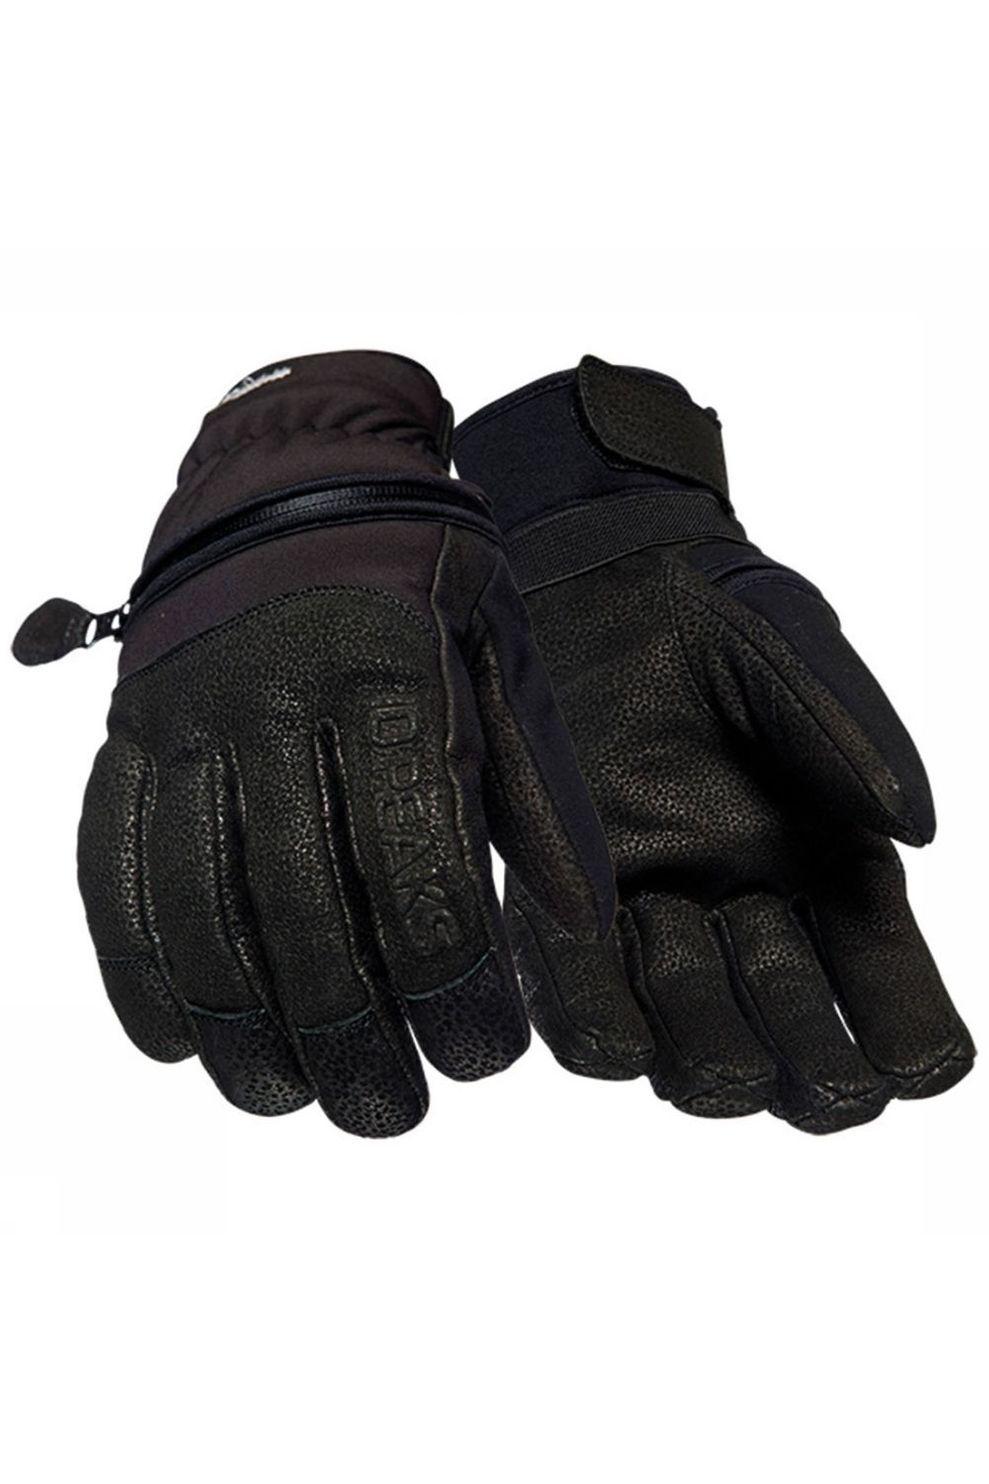 10Peaks Deltaform Mountain Handschoenen Zwart